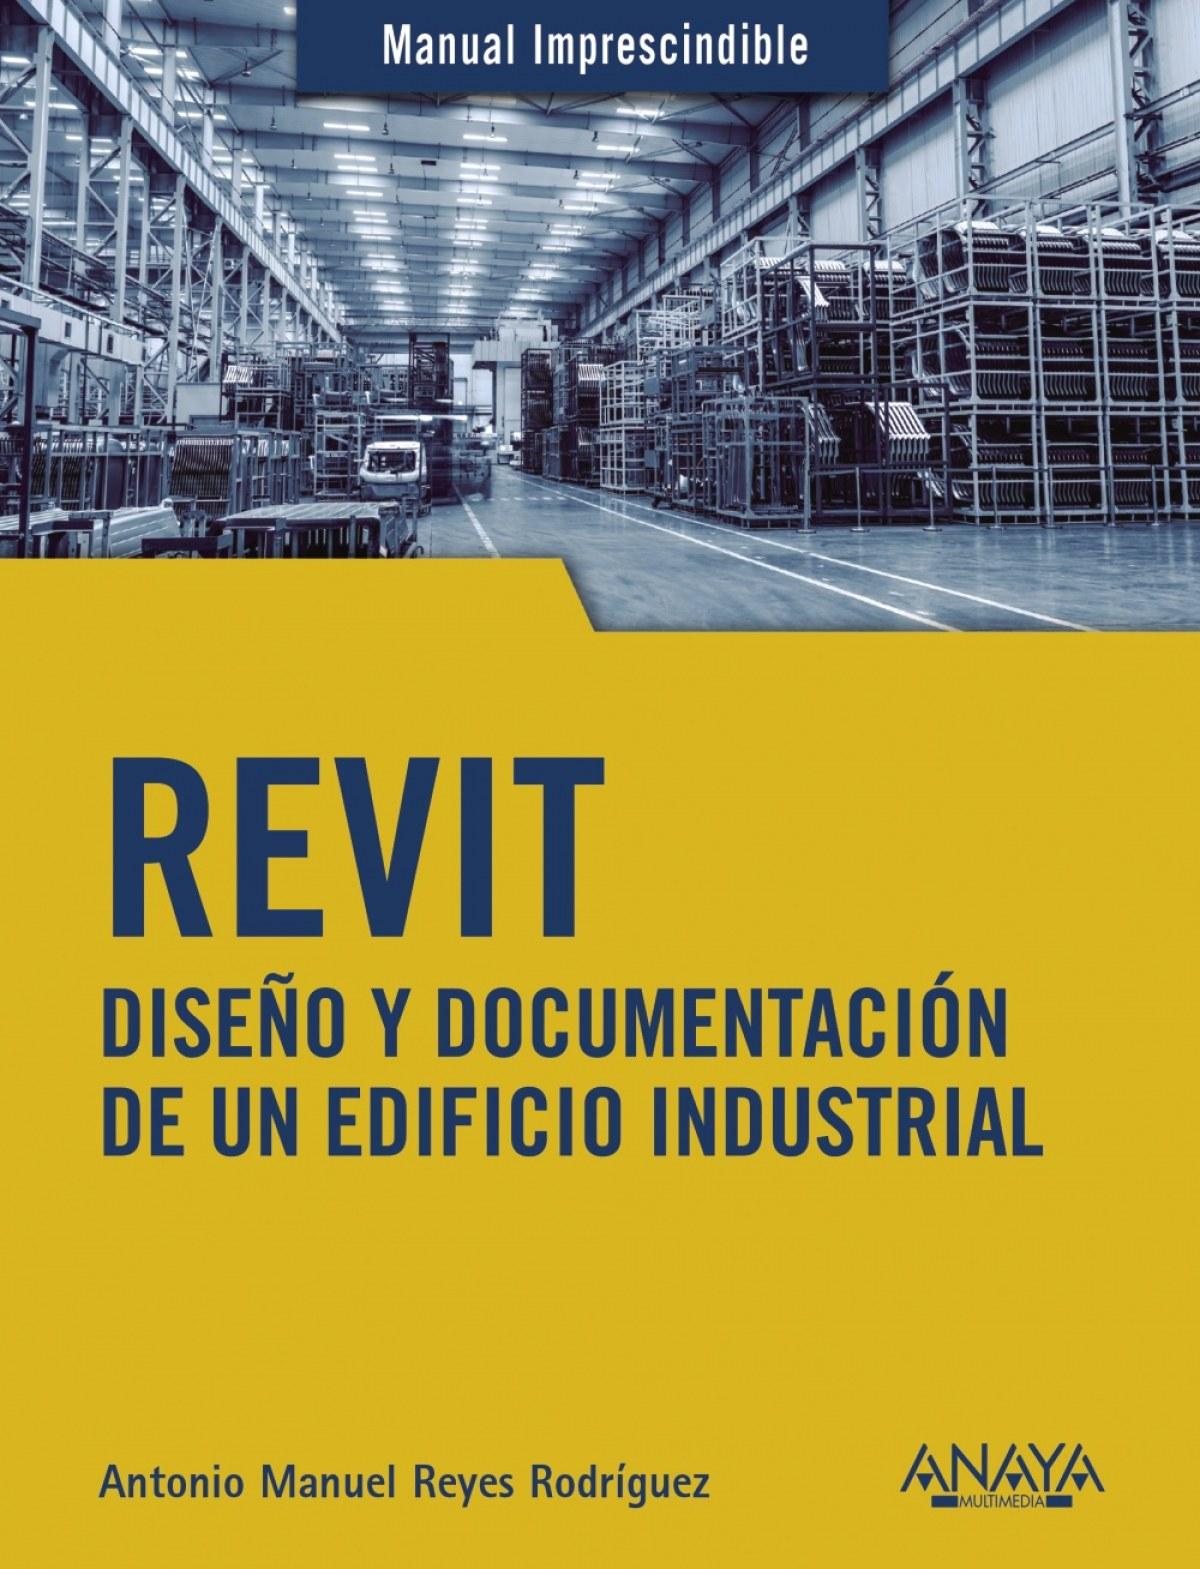 REVIT. Diseño y documentación de un edificio industrial 9788441542990